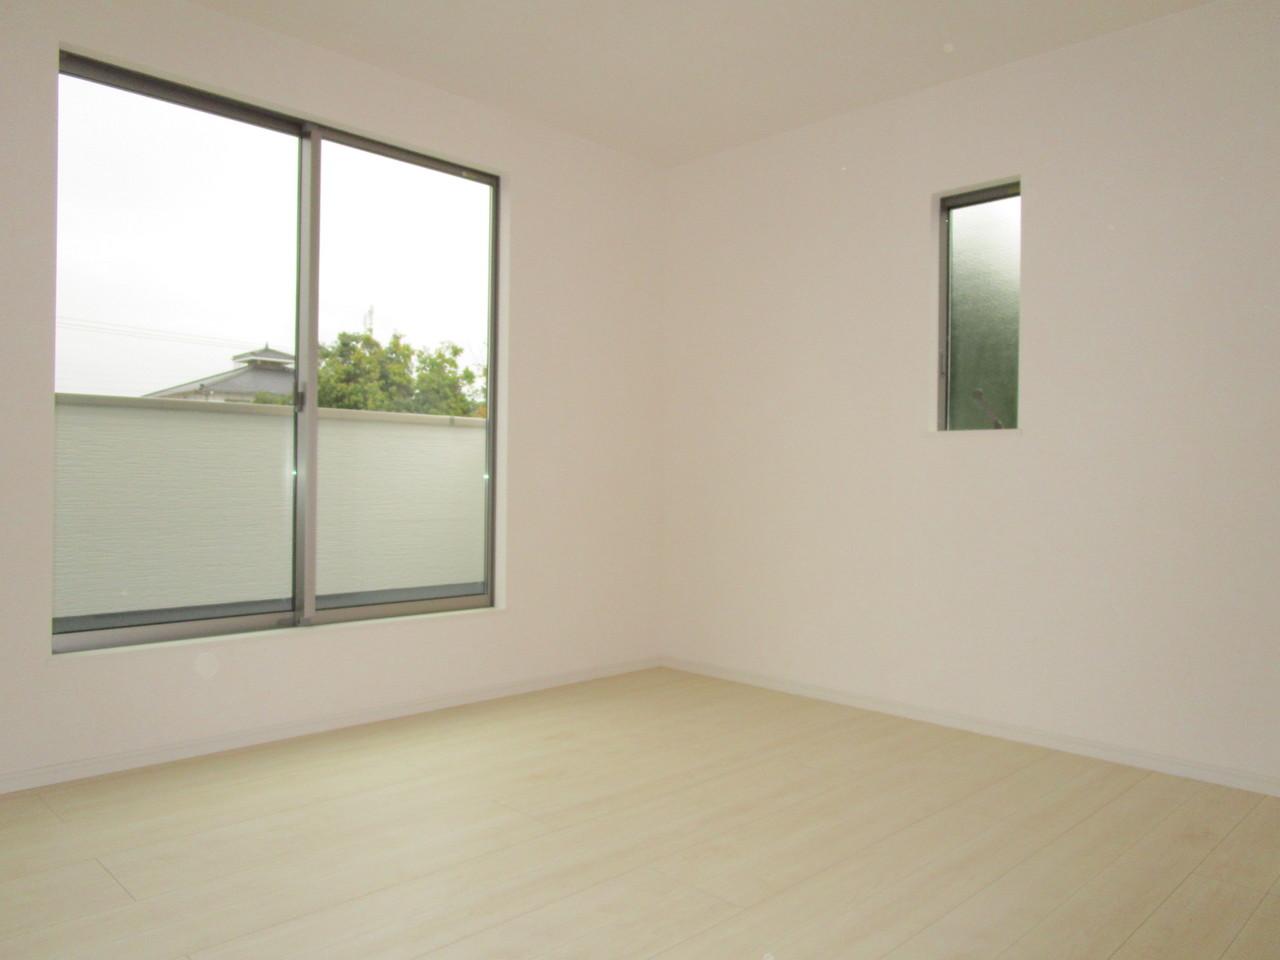 全居室収納スペースがあるので、お部屋もすっきりお使いいただけます